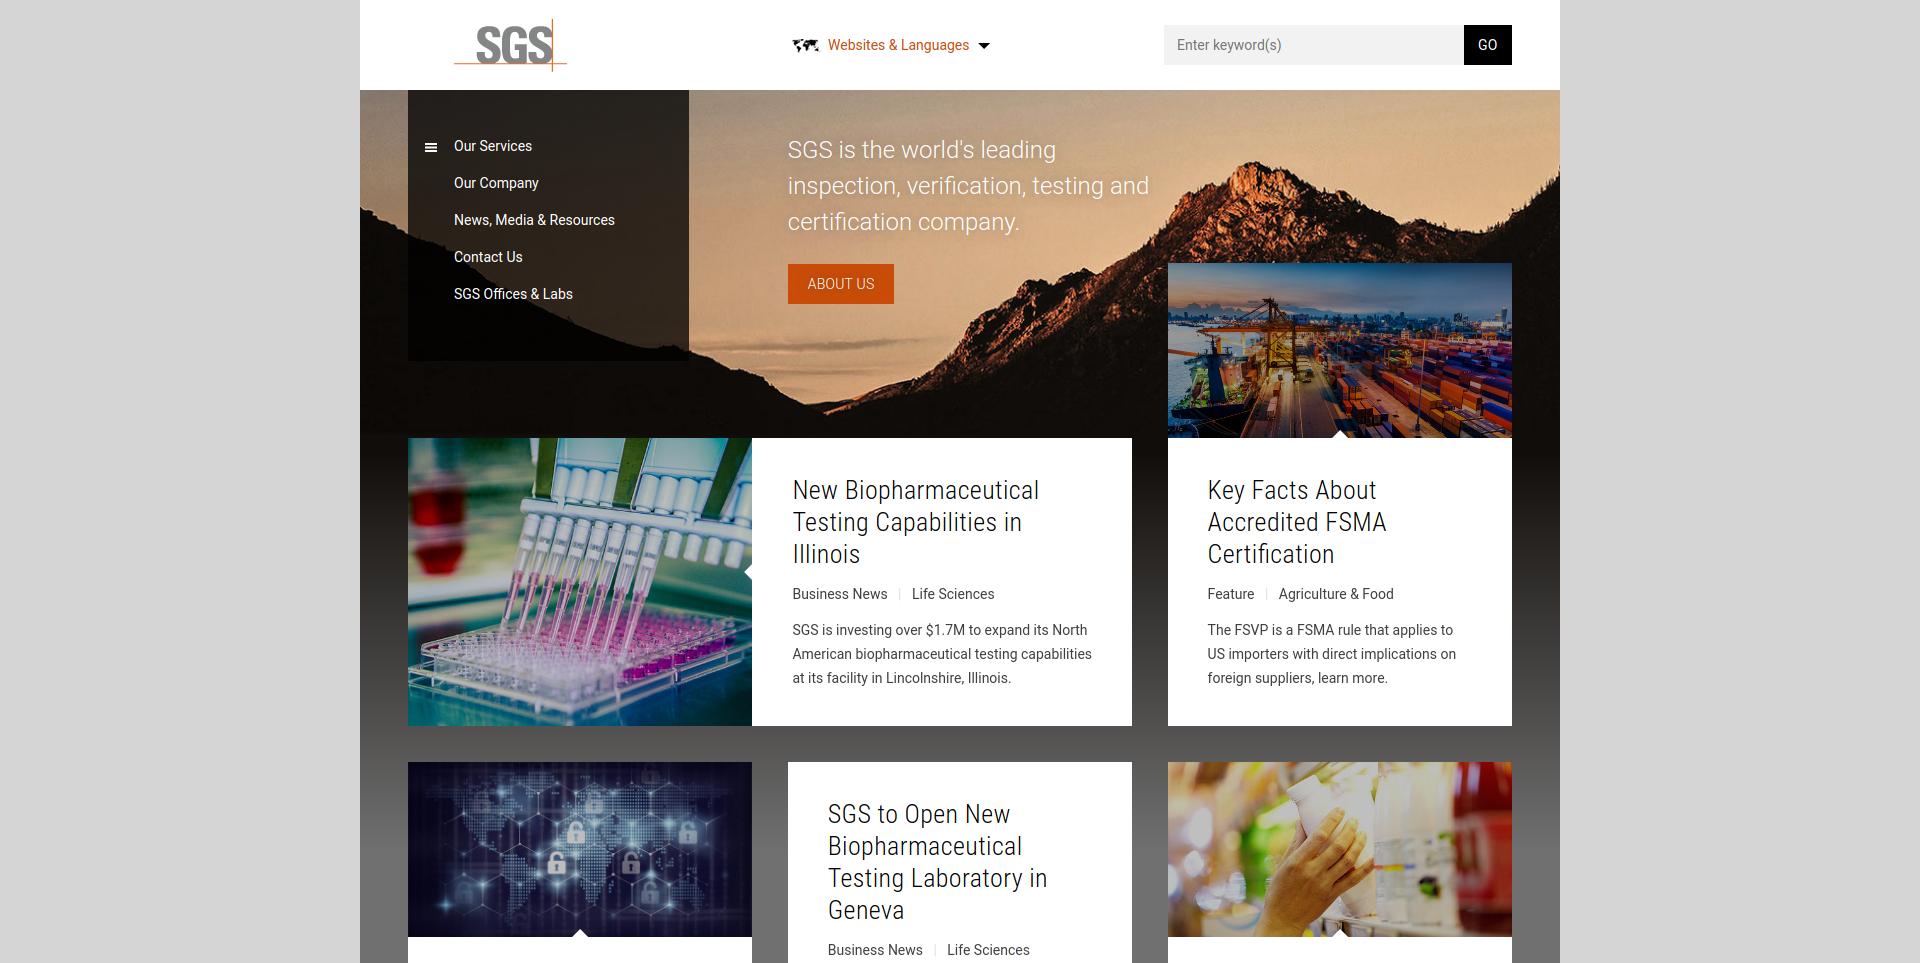 Sgs Company Profile Office Locations Competitors Revenue